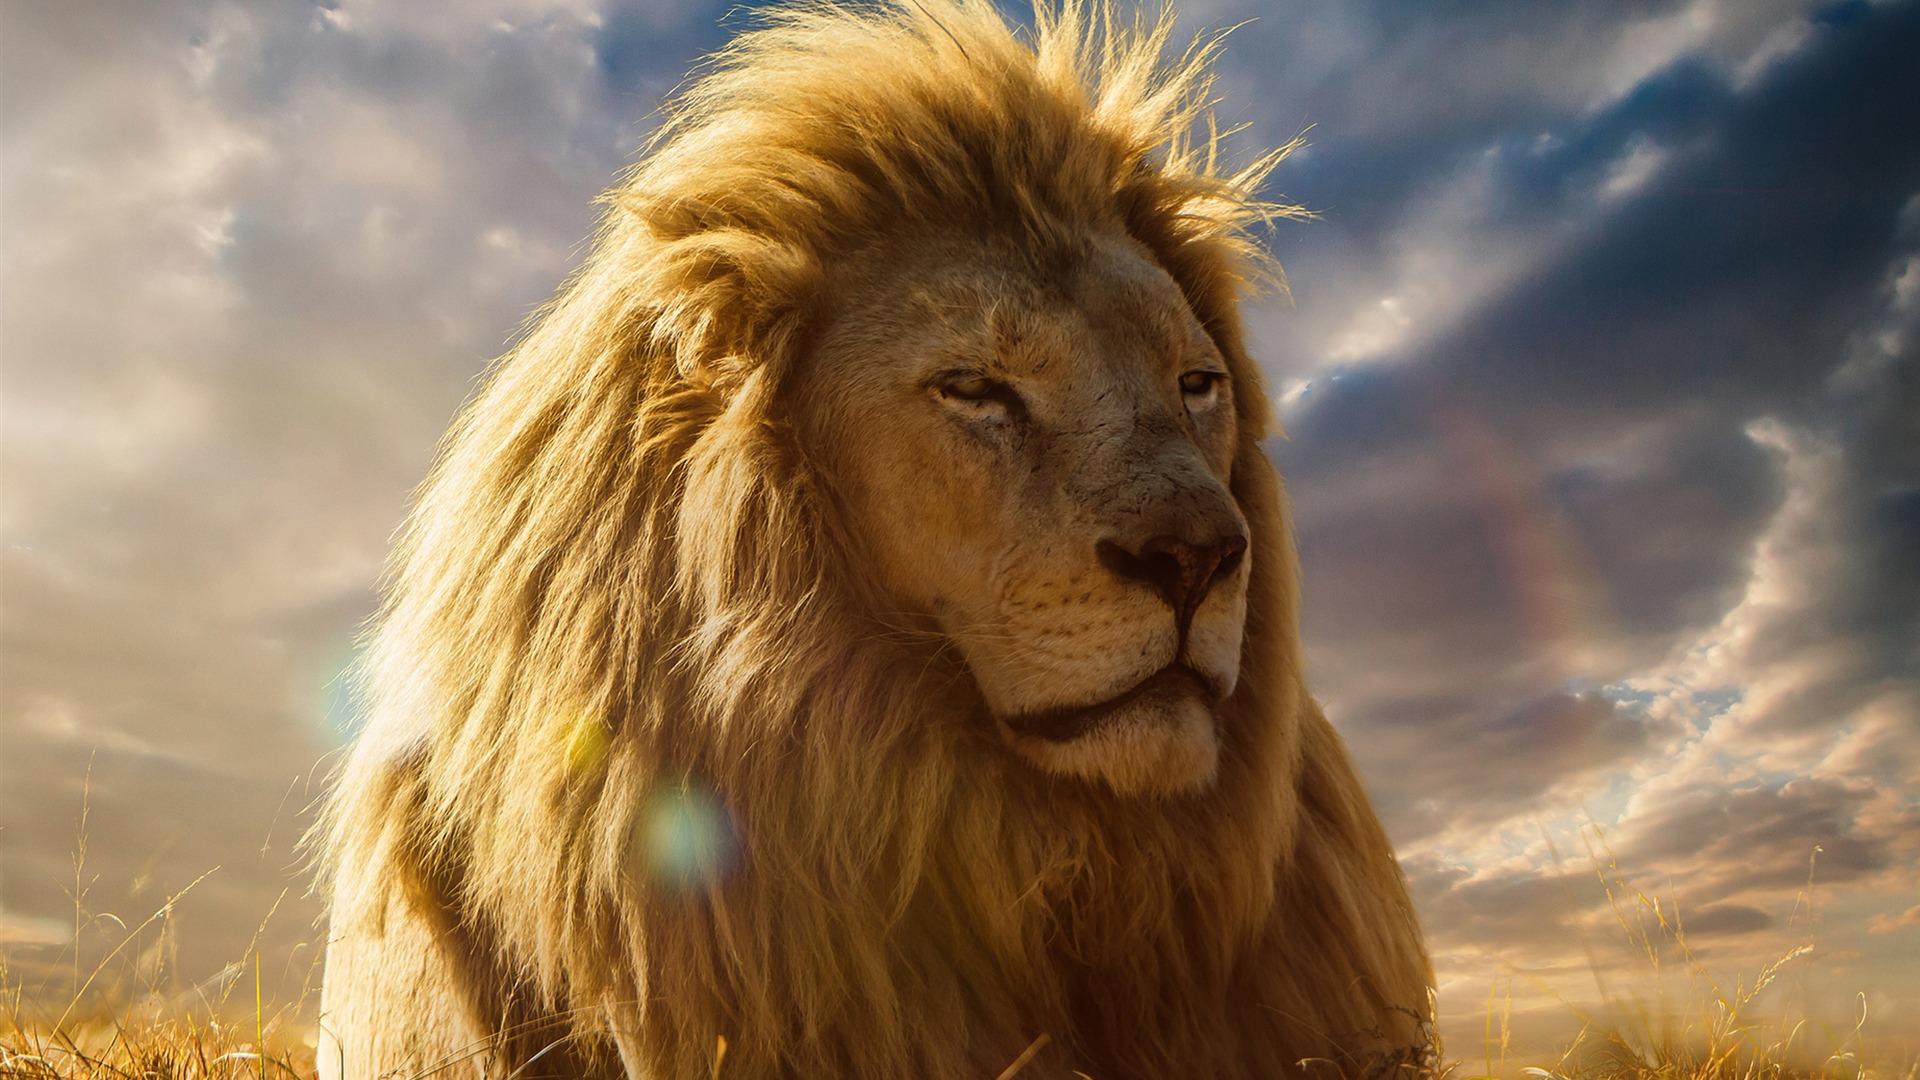 描述: 狮子王-2017电影壁纸 当前壁纸尺寸: 1920 x 1080